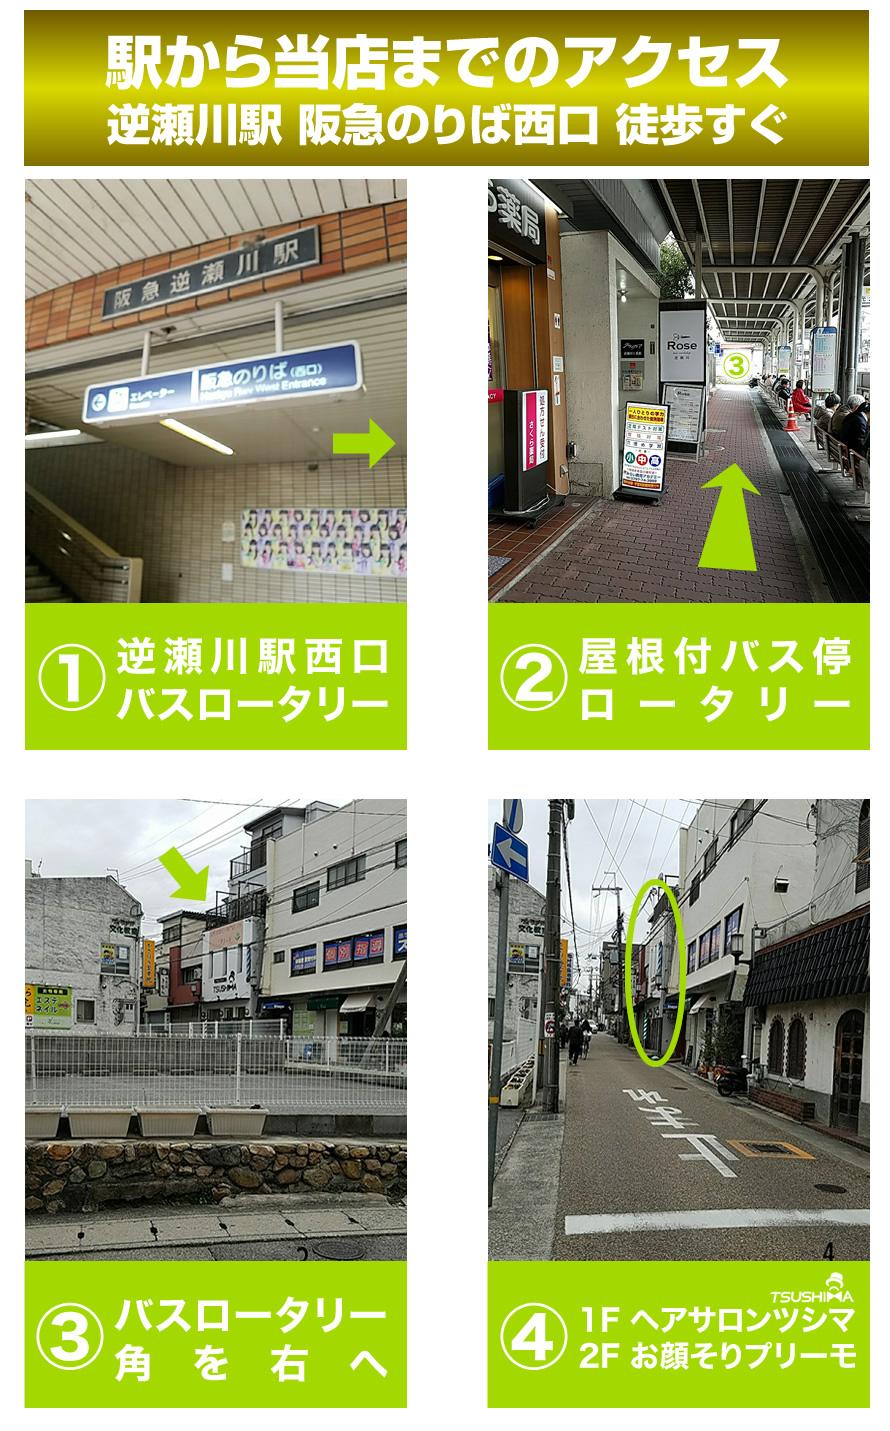 阪急逆瀬川駅から当店までのアクセスを写真で解説